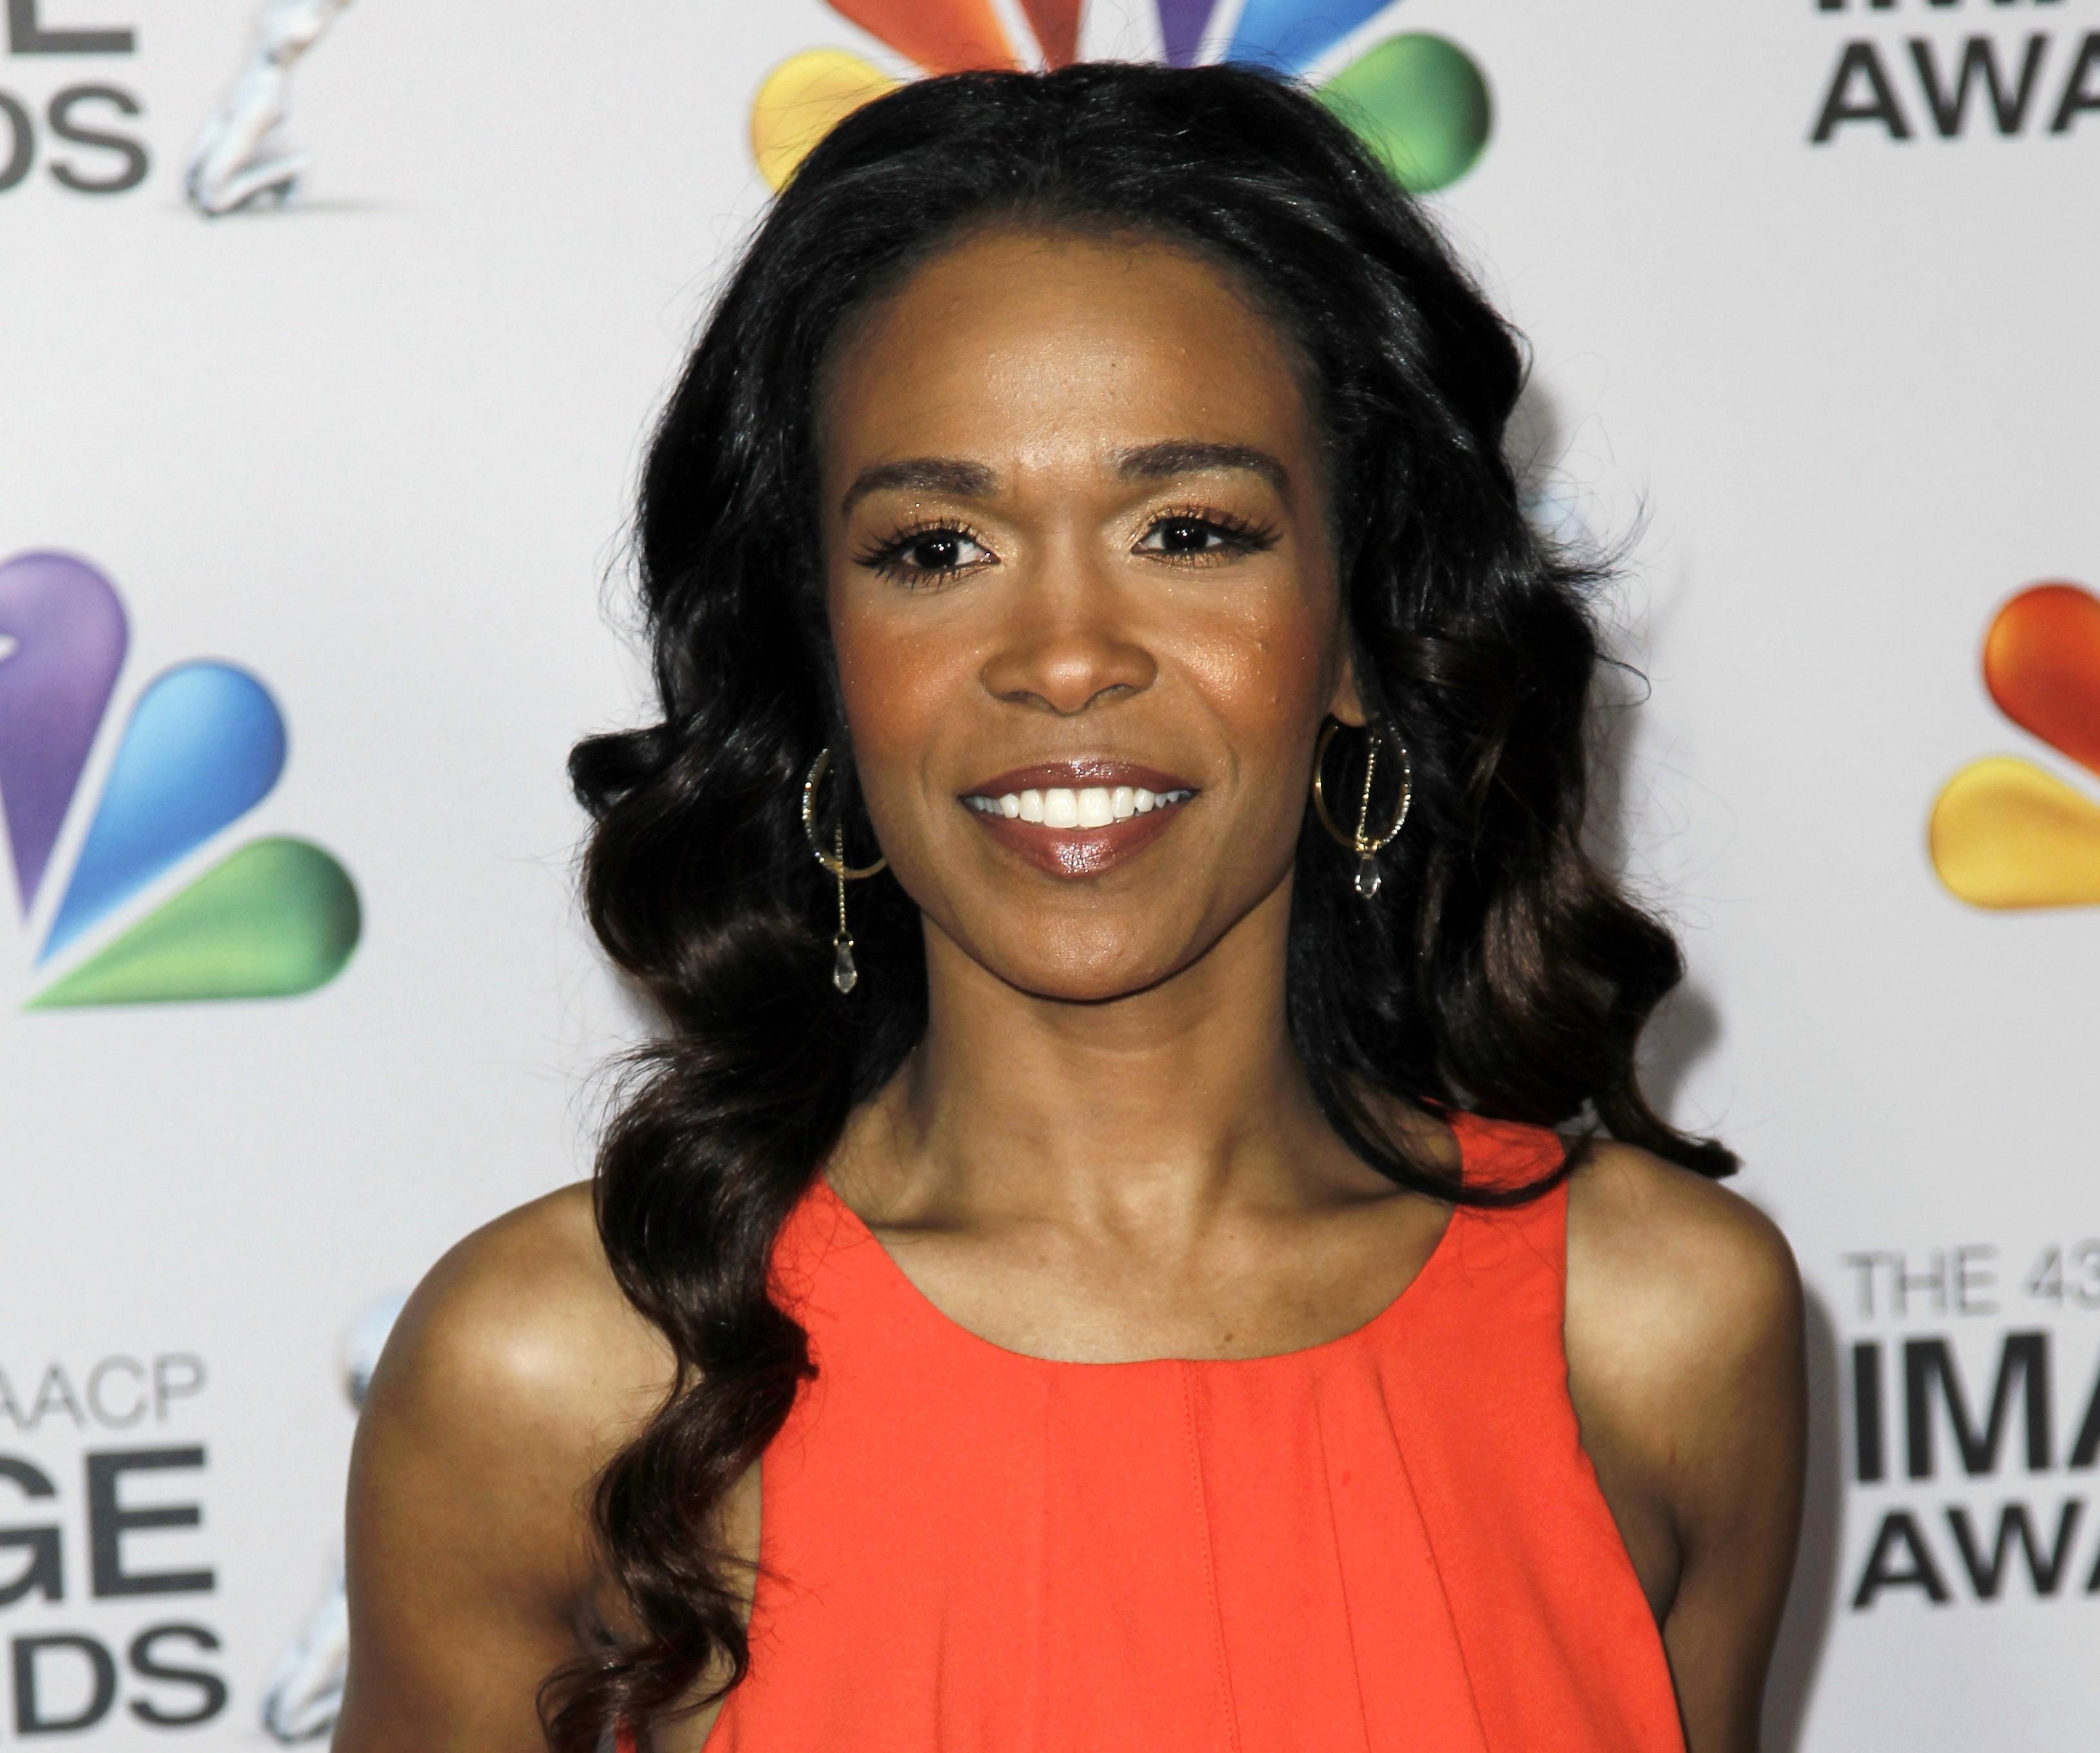 Michelle Williams, ex-Destiny's Child, se interna em clínica para tratar depressão, diz site